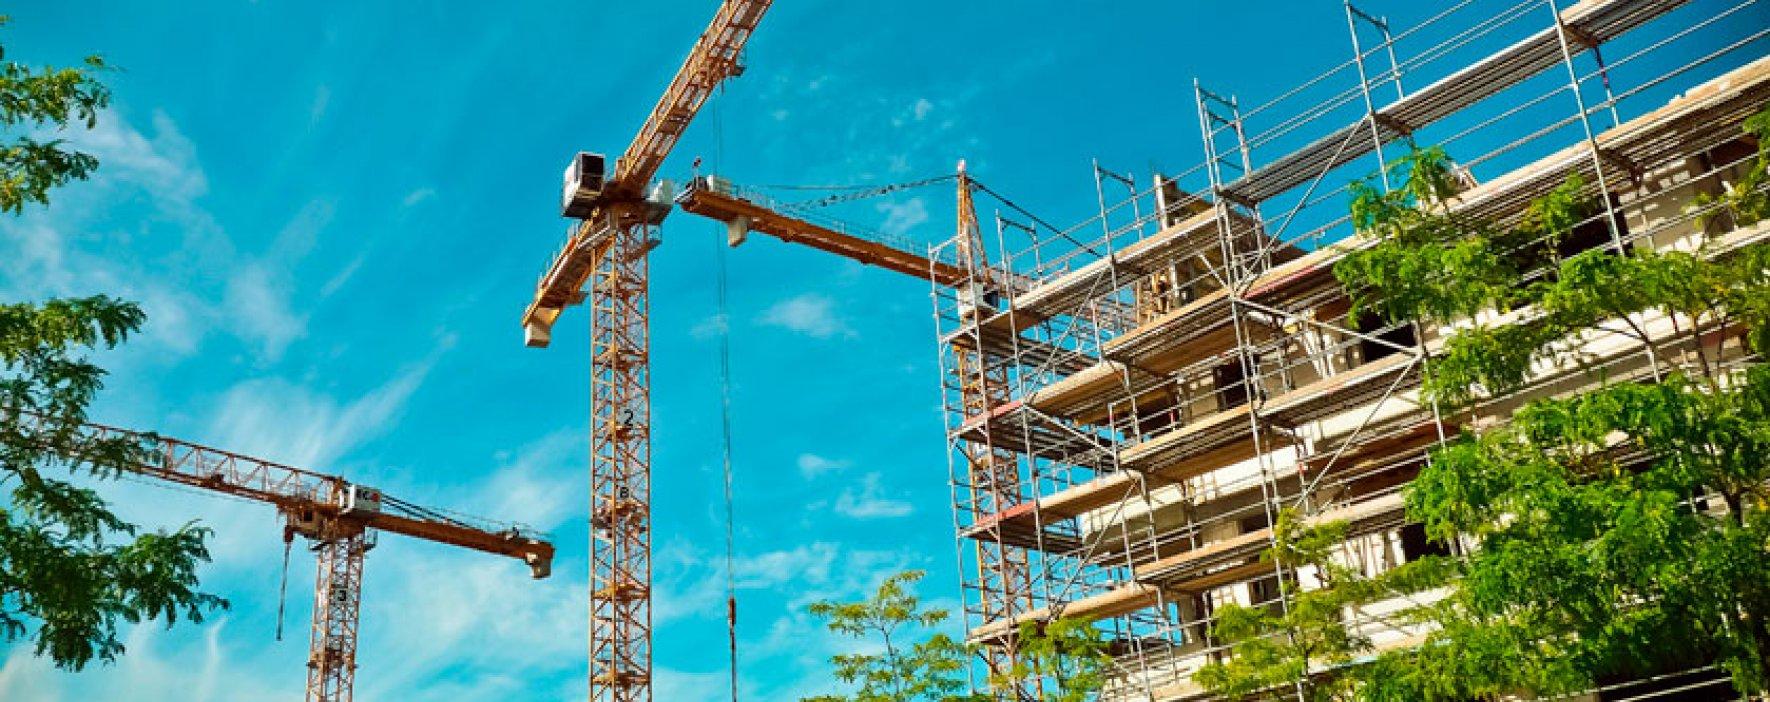 ¿Cuáles son las tendencias en construcción en Colombia?